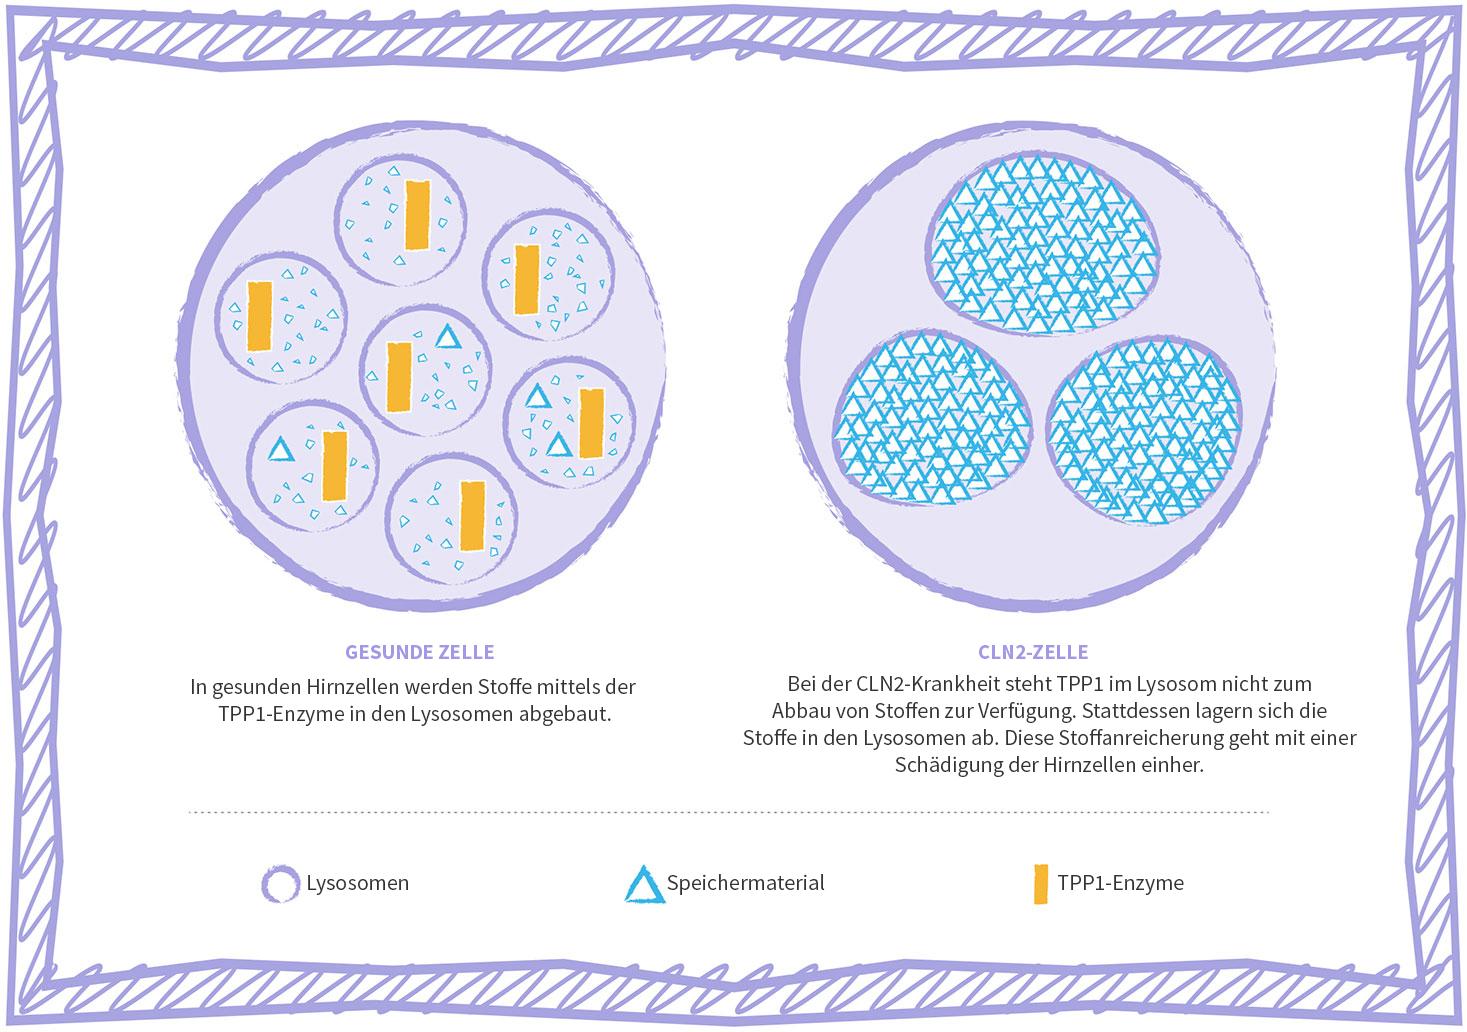 Grafische Darstellung der Zelle bei der lysosomalen Speicherkrankheit CLN2